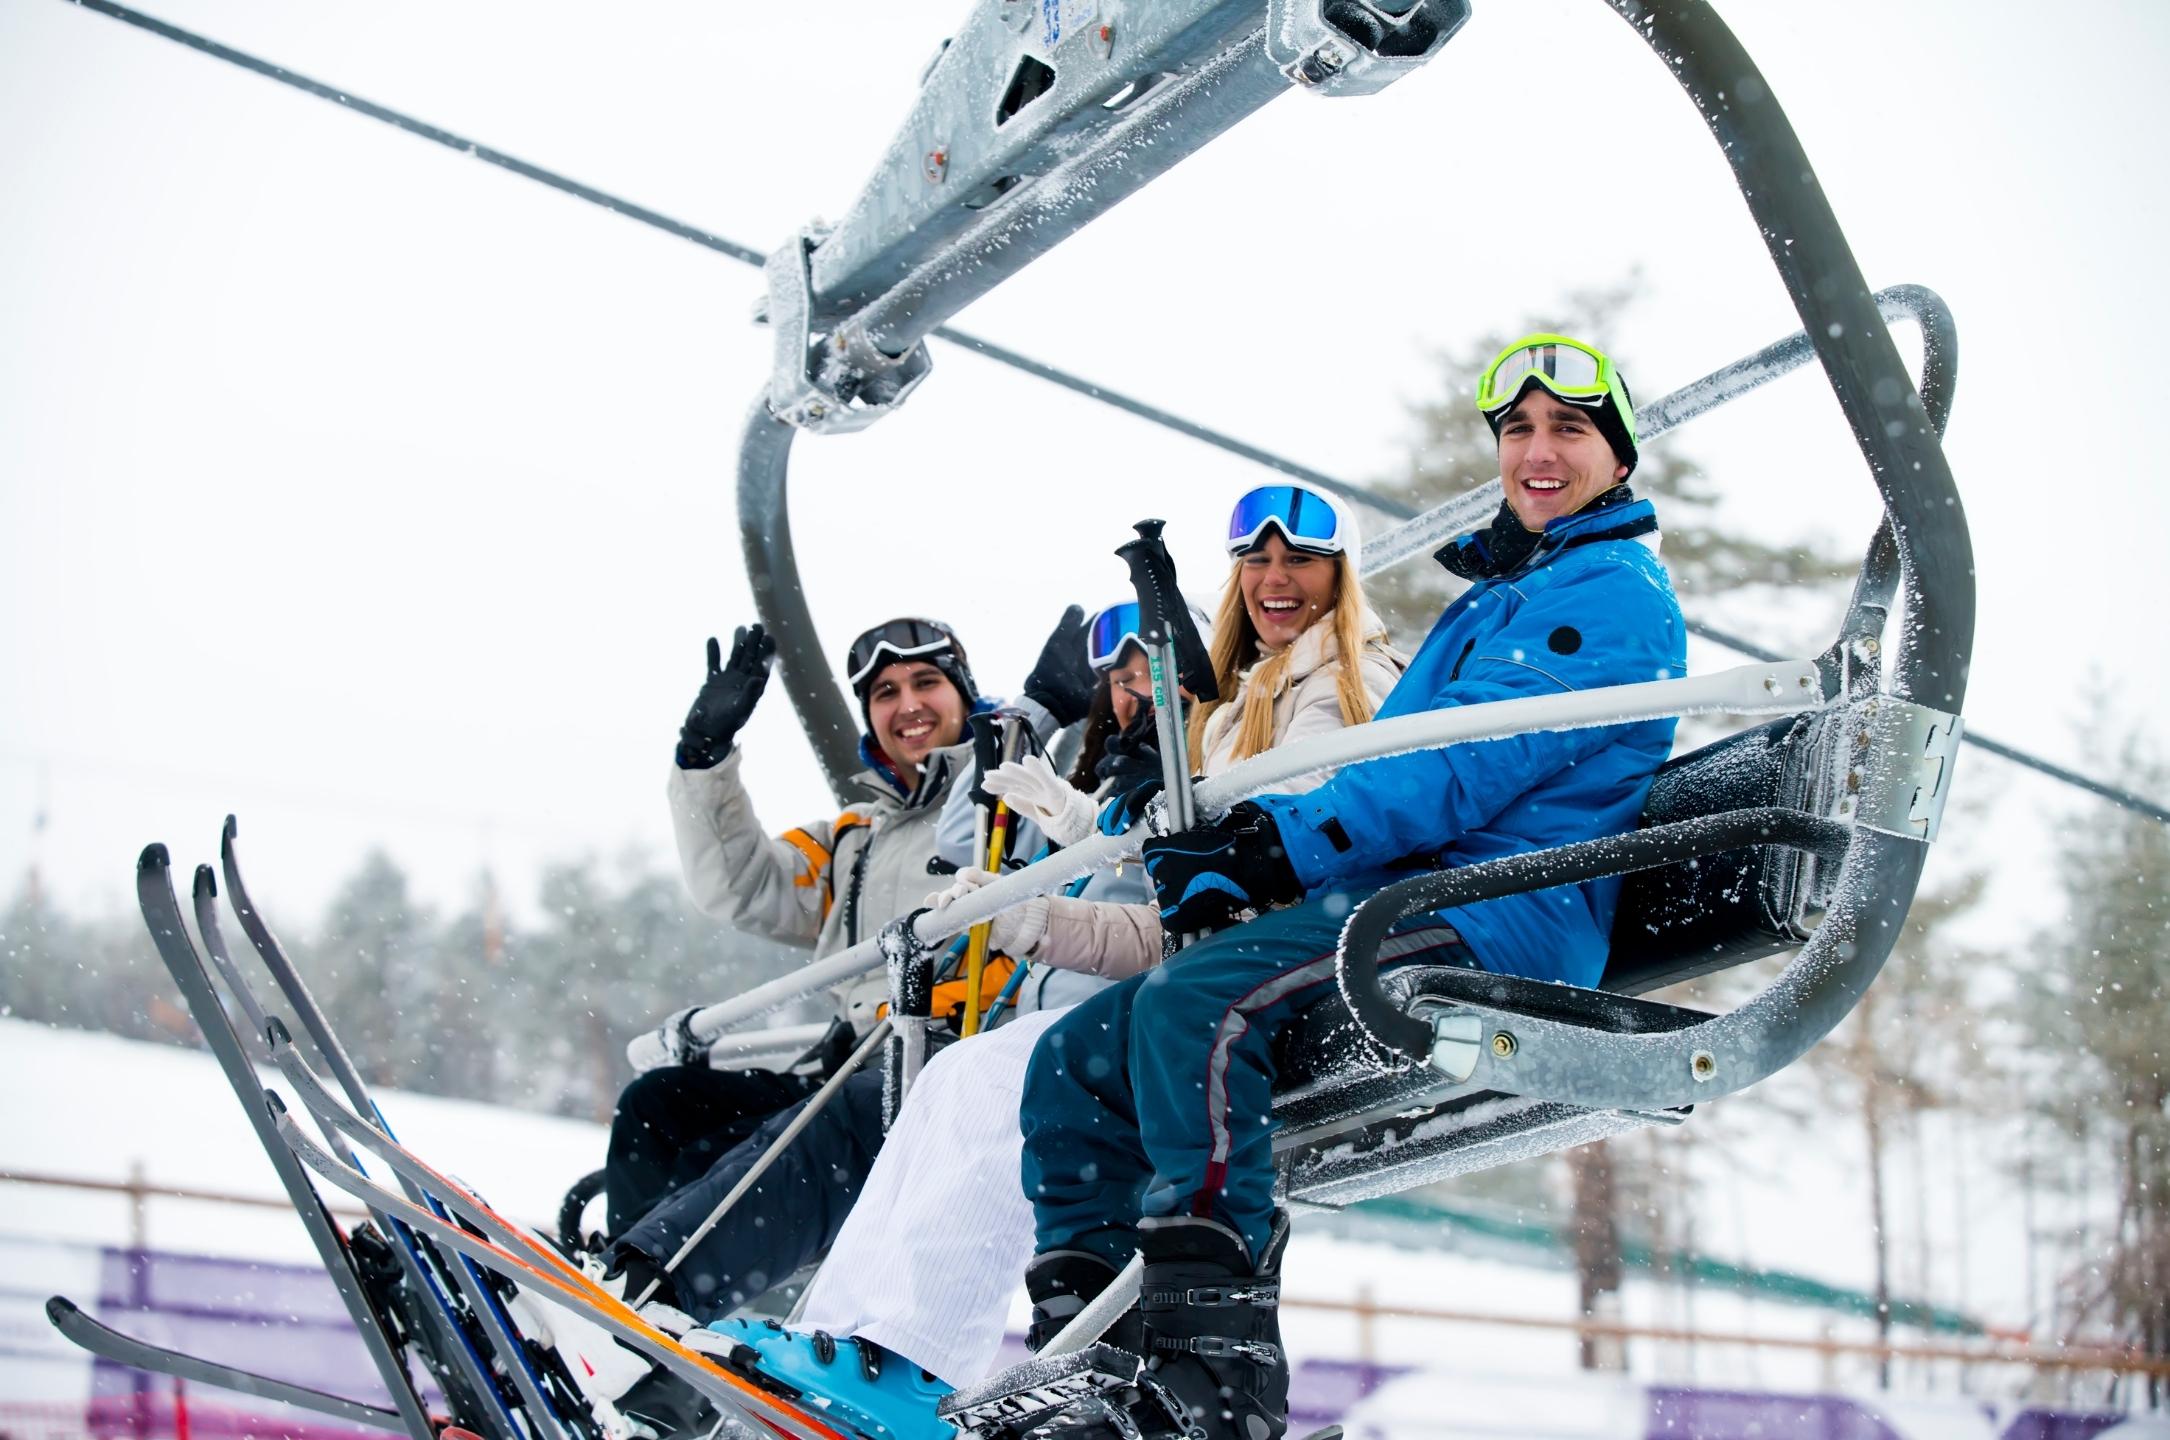 Rencontre femme qui aime le ski